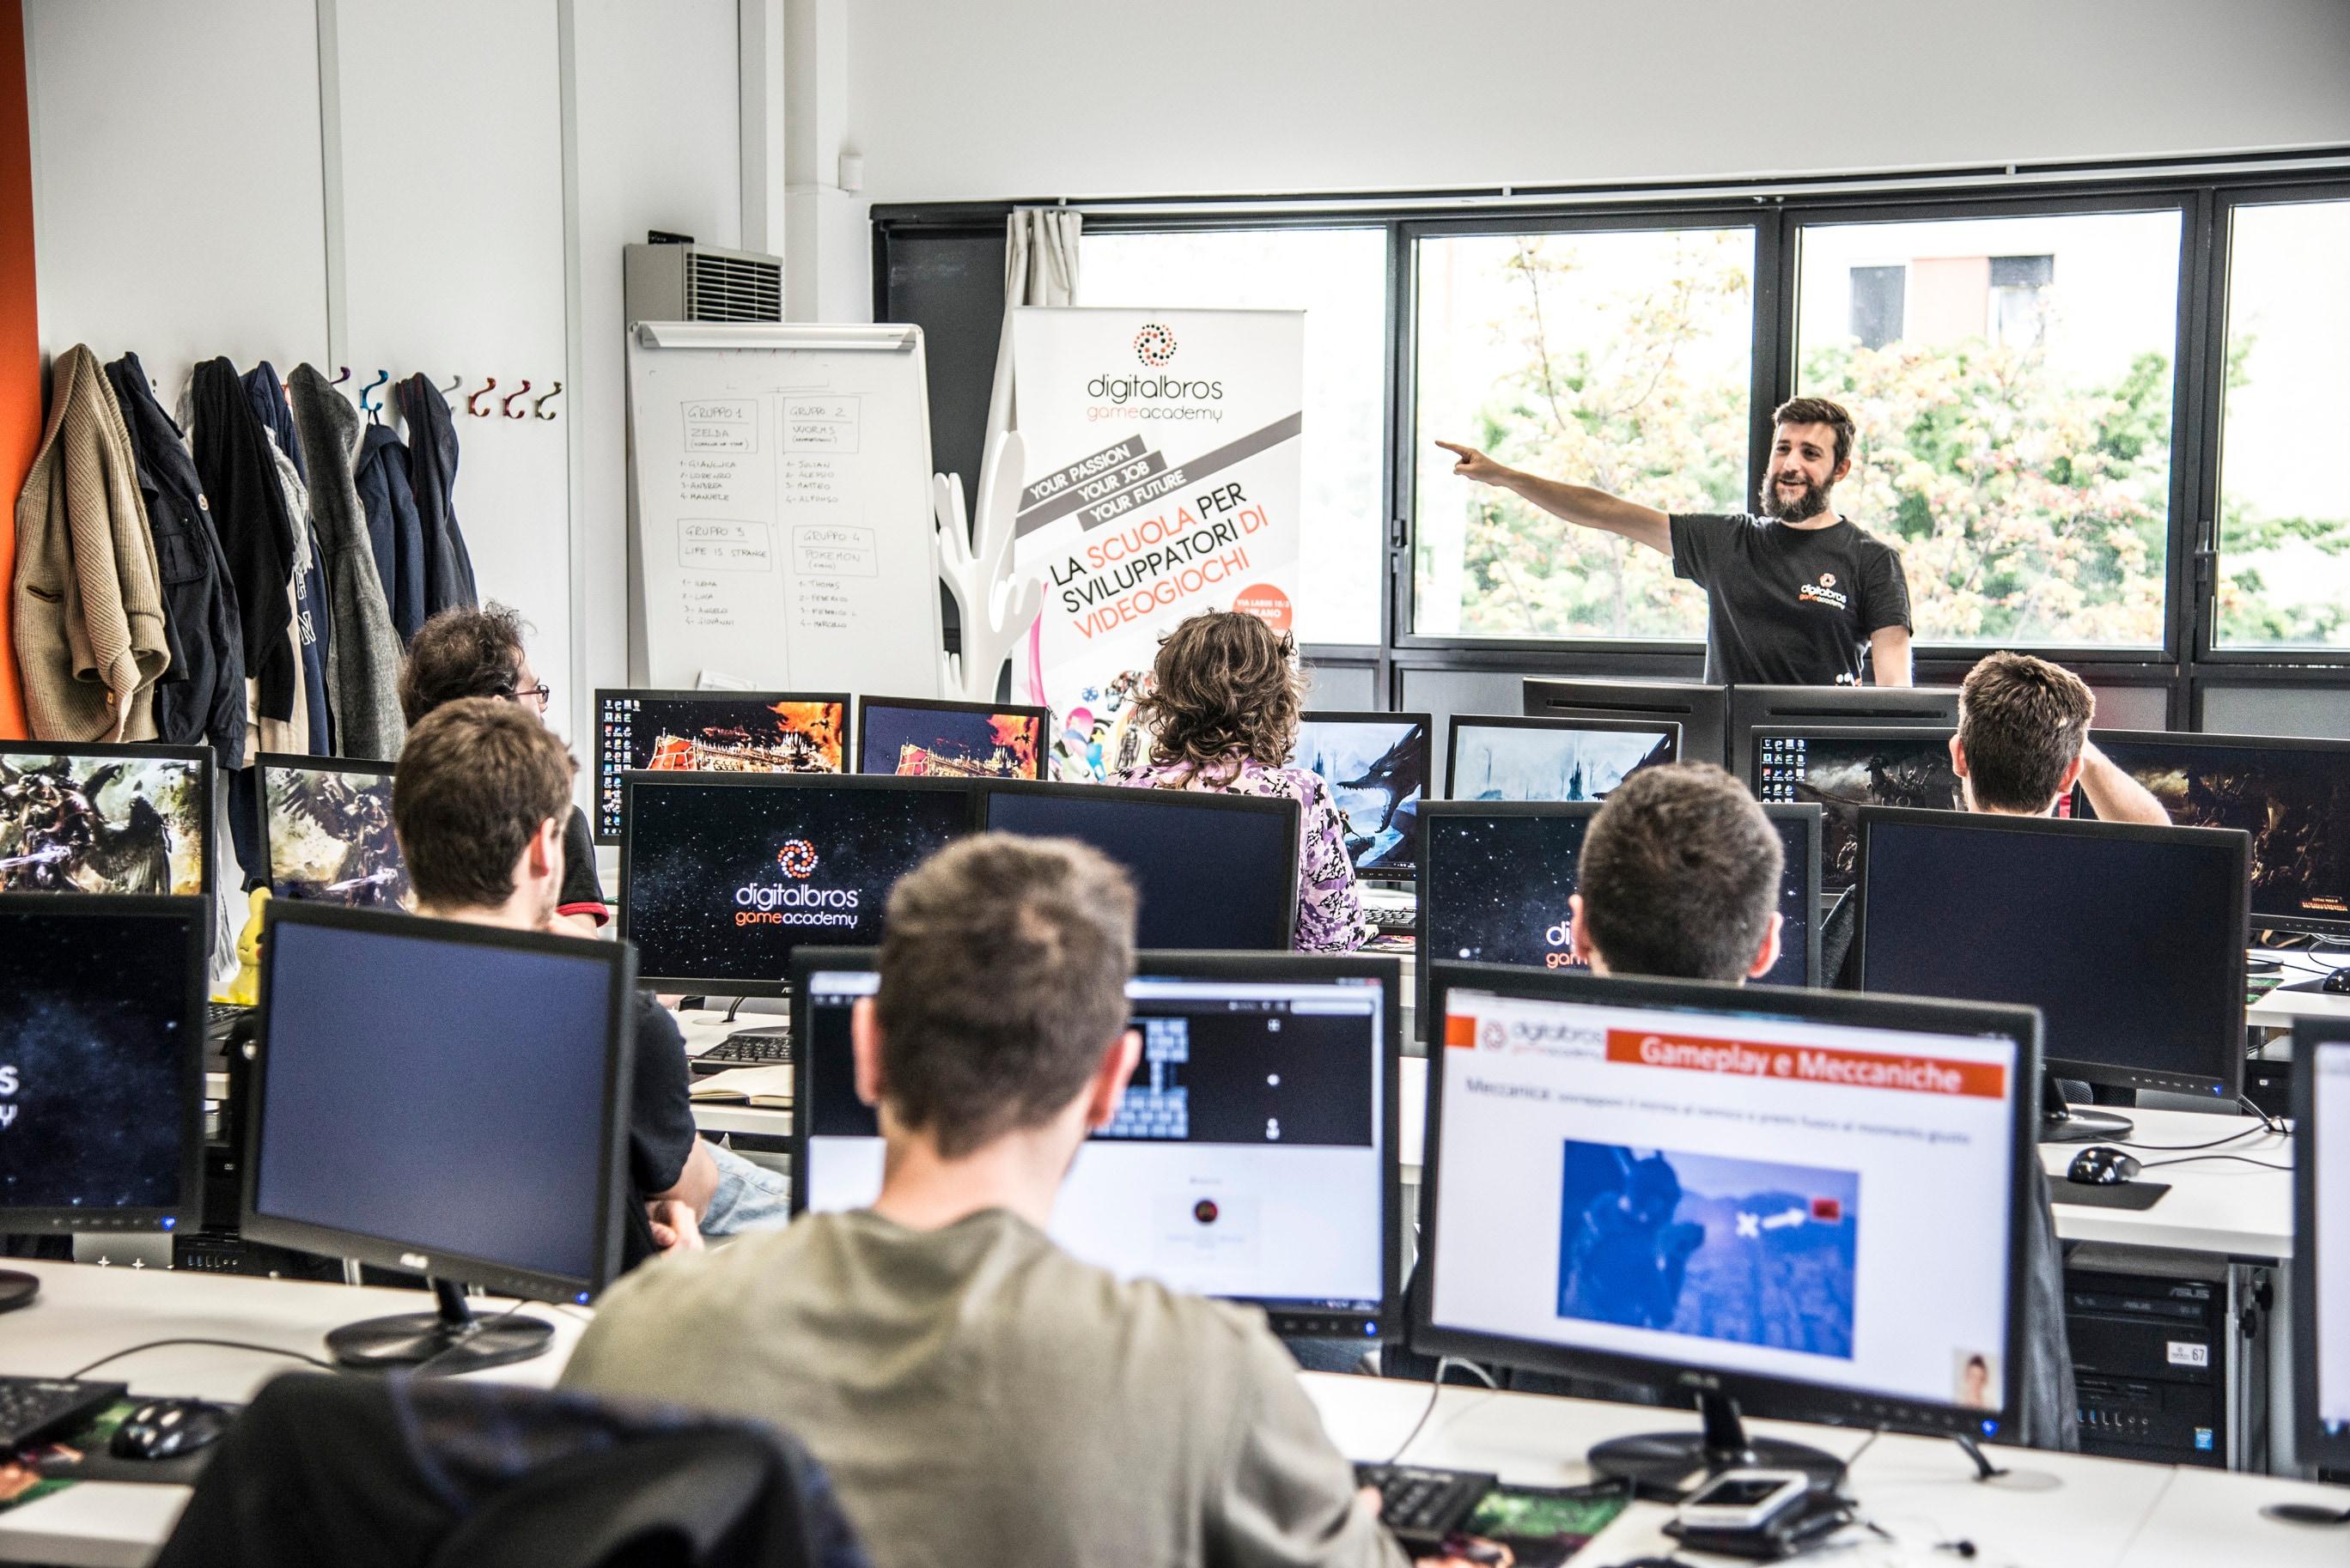 Sognate una carriera da sviluppatore di giochi? Sono aperte le iscrizioni alla Digital Bros Game Academy!